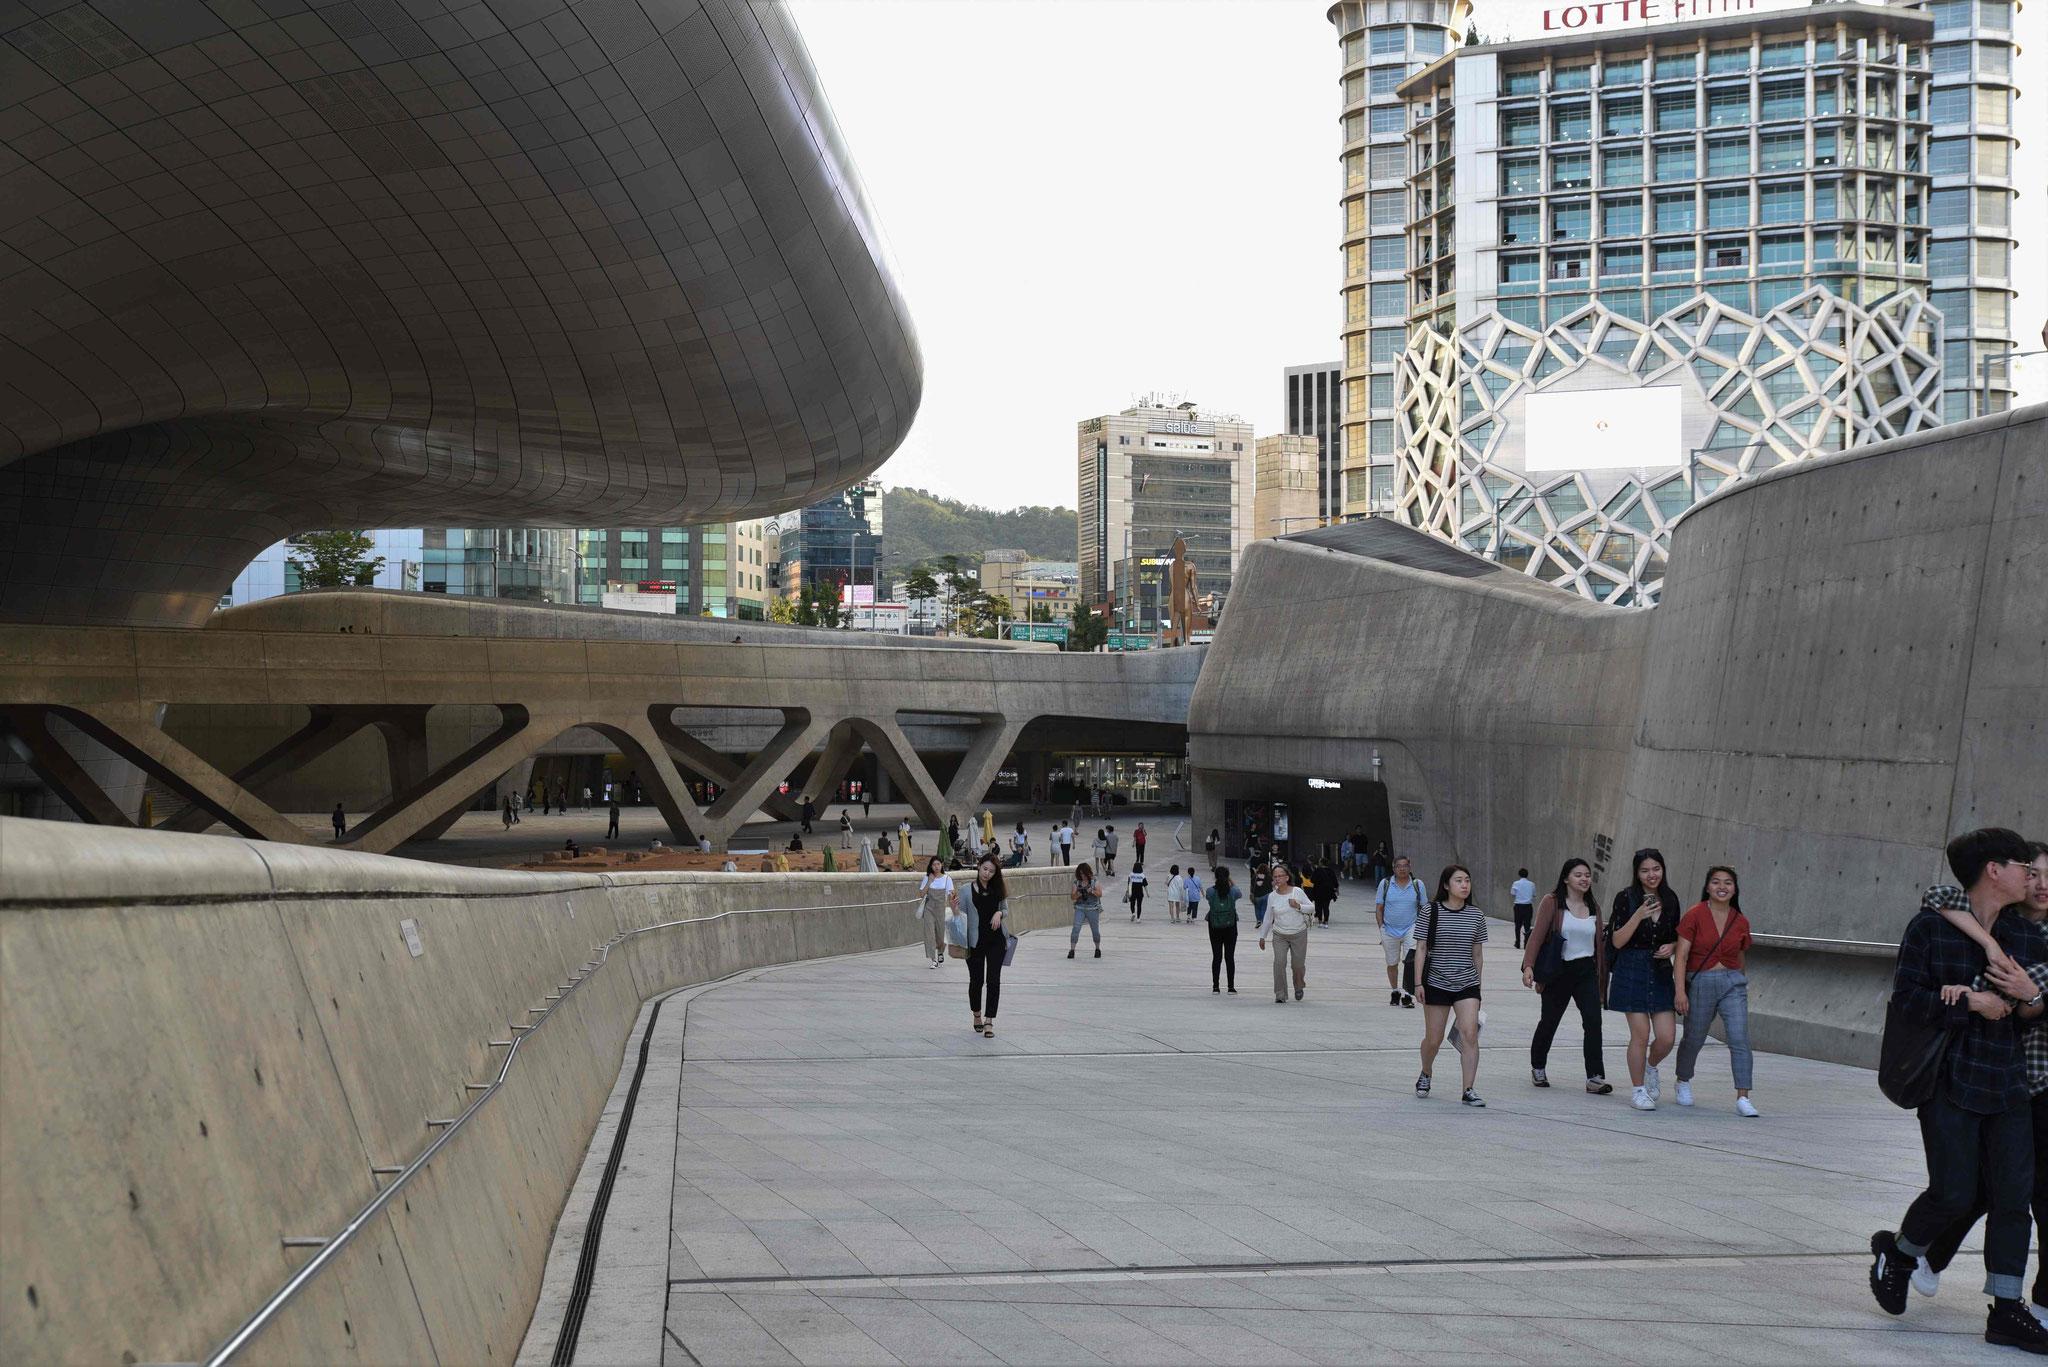 Bei Tageslicht noch etwas nüchterner Anblick des Dongdeamun Design Plaza